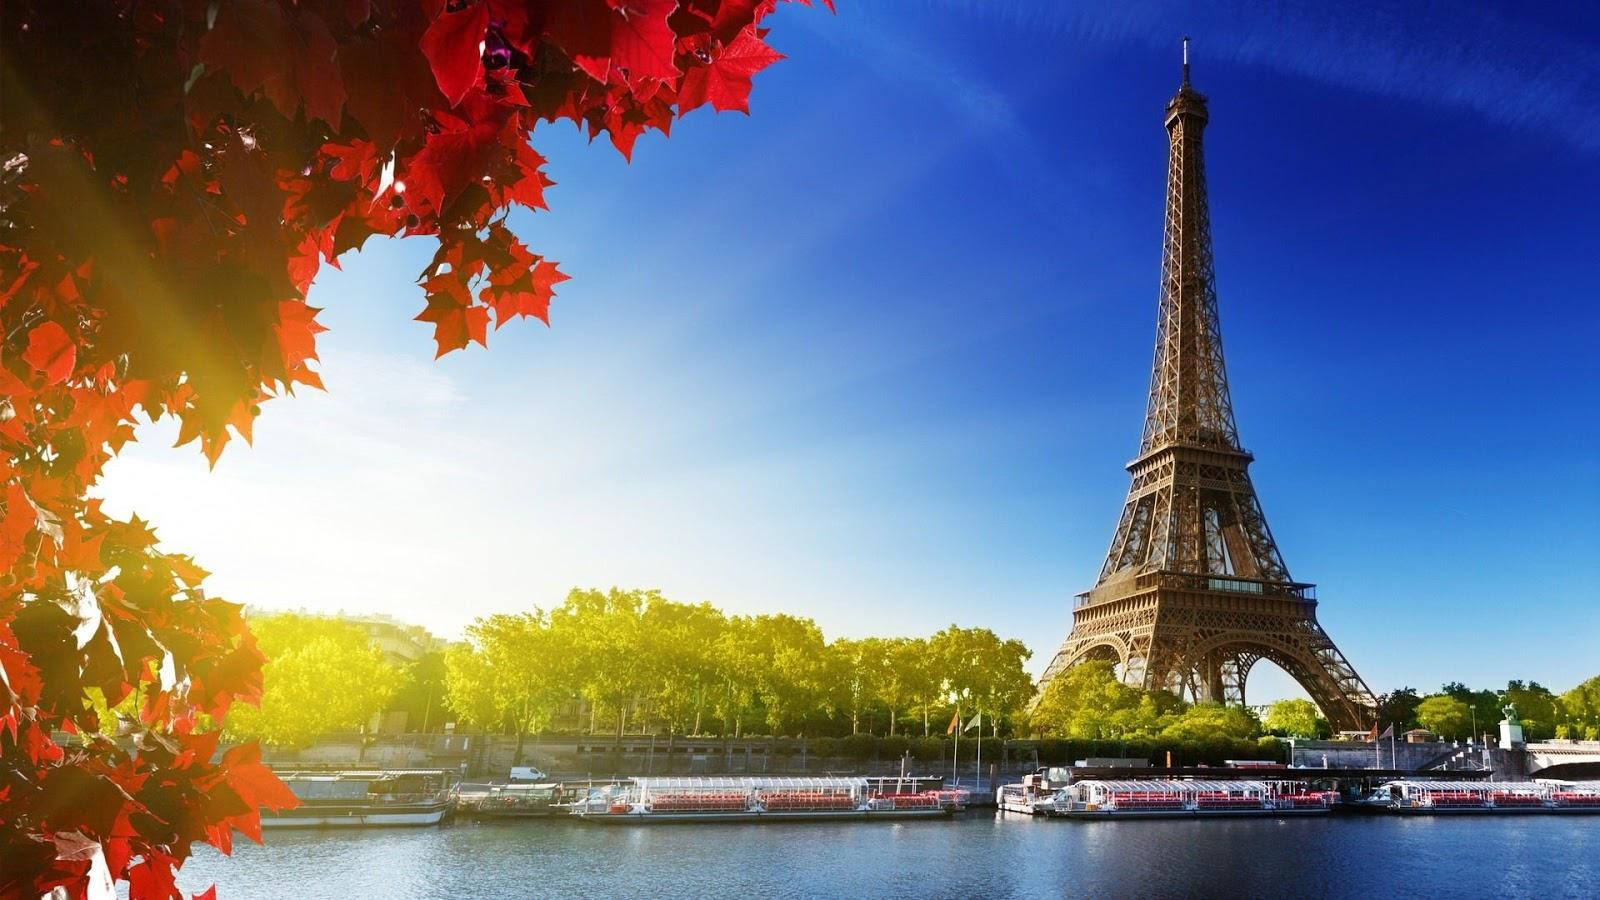 Preciosa instantánea de la Torre Eiffel